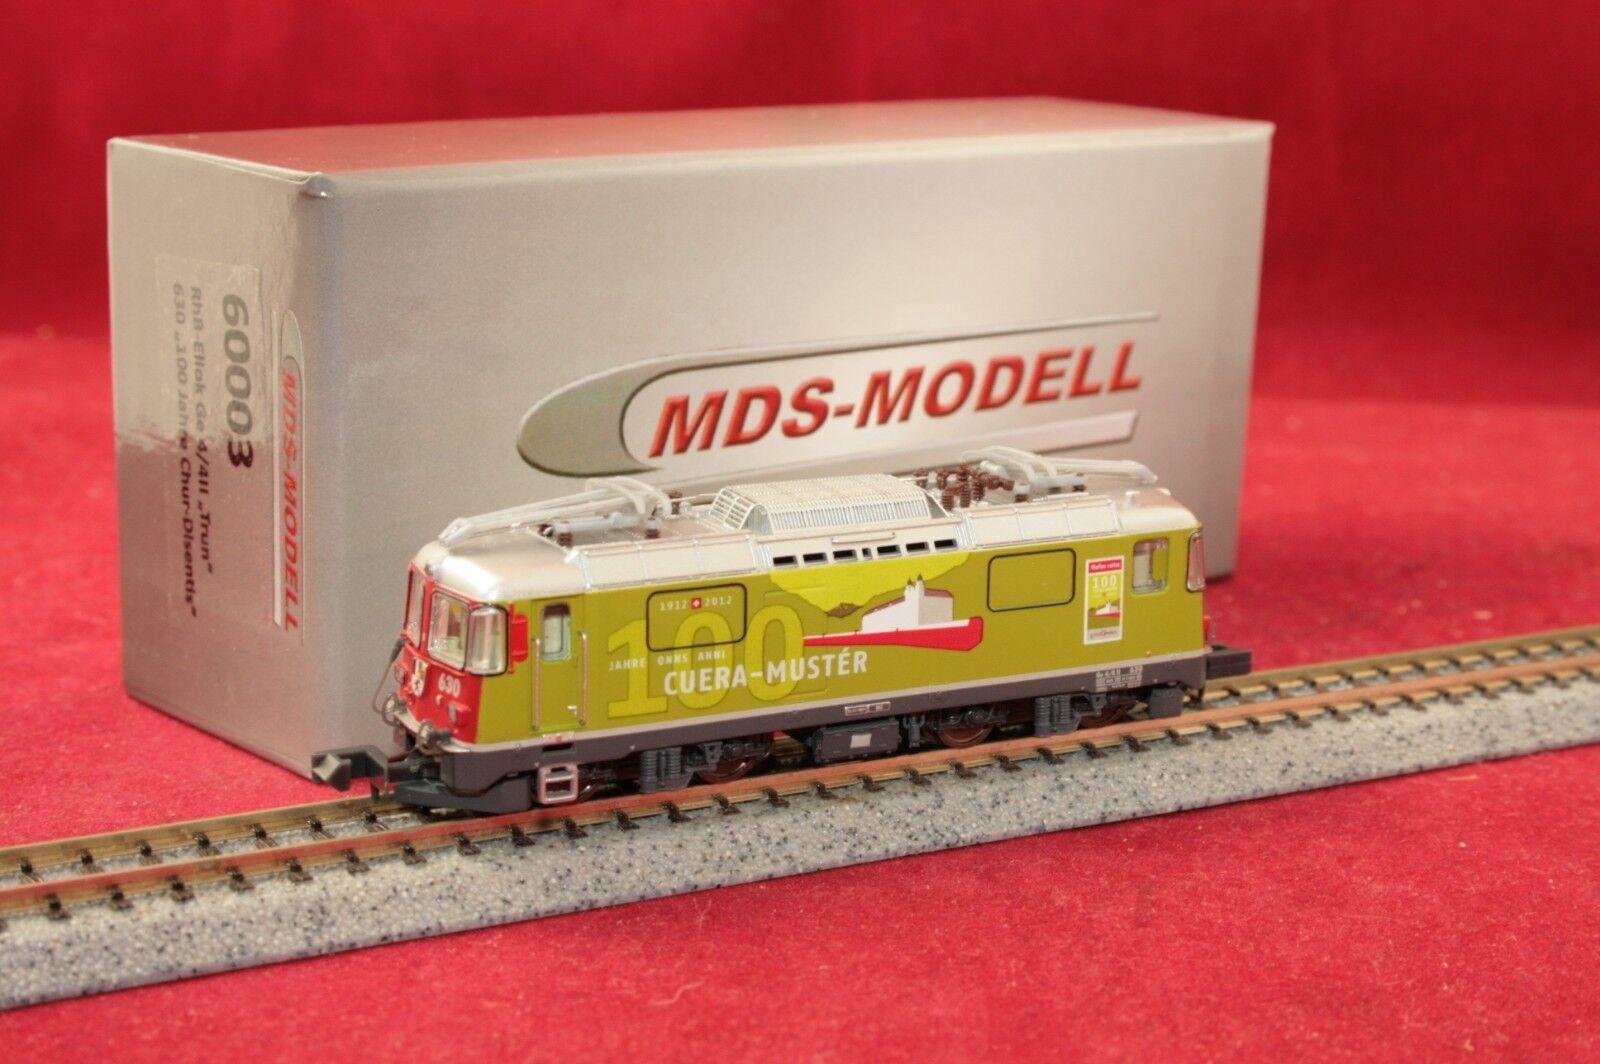 saldi MDS-modellololo 60003 E-Lok GE 4 4 II Tcorrere Tcorrere Tcorrere 630 RHB  100 anni Chur-Disentis  Nuovo Scatola Originale  conveniente